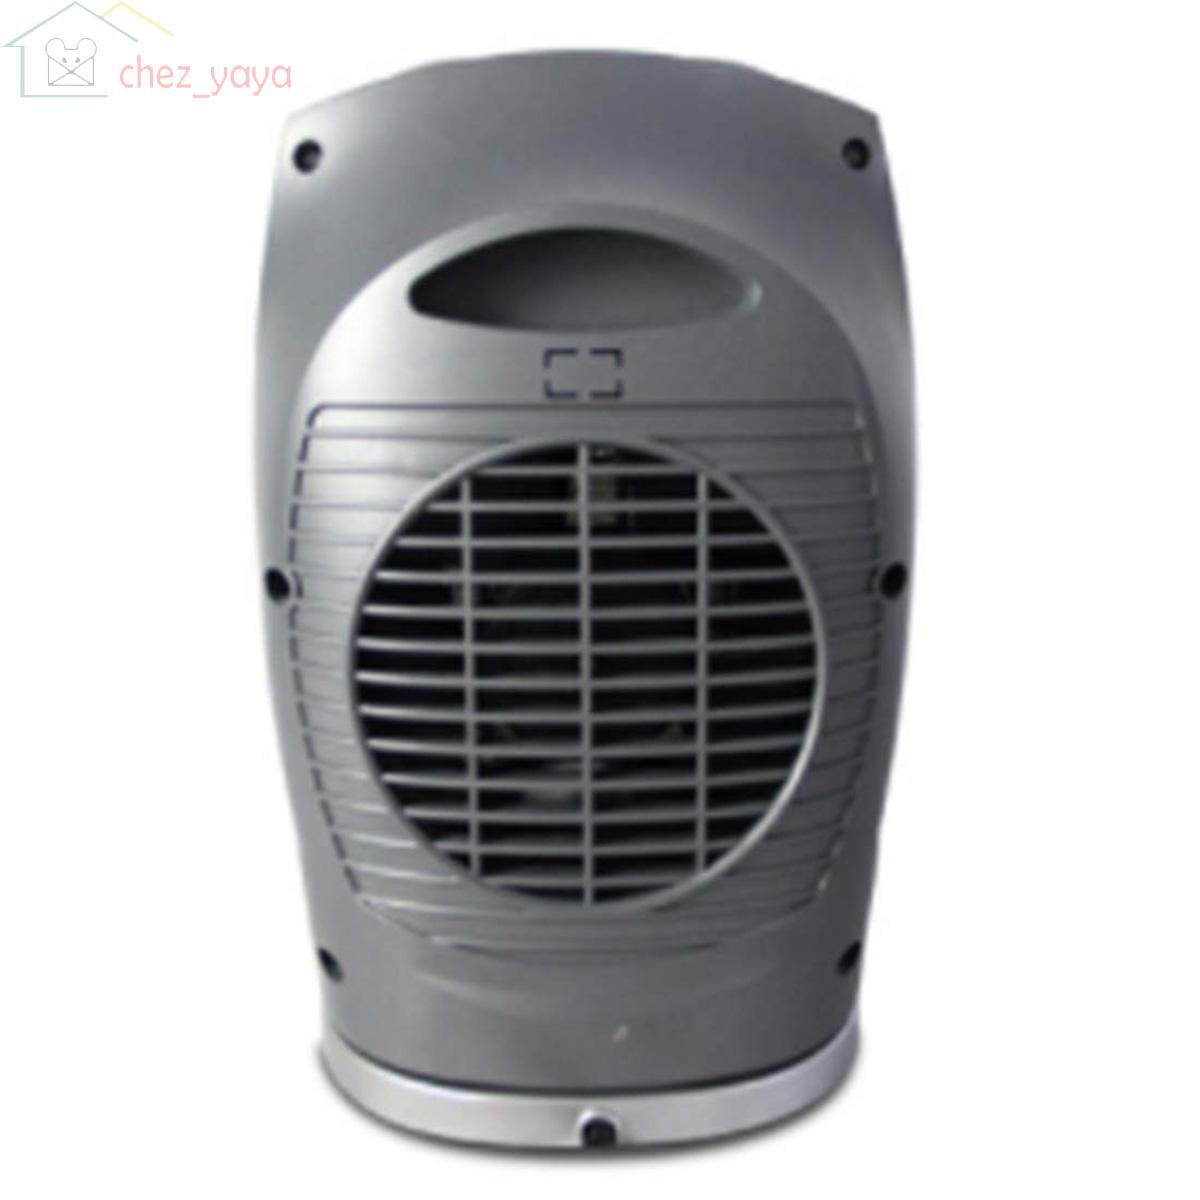 Chauffage soufflant c/éramique avec Protection contre la surchauffe et anti-chute radiateur et ventilateur de 750w//1500w r/églable